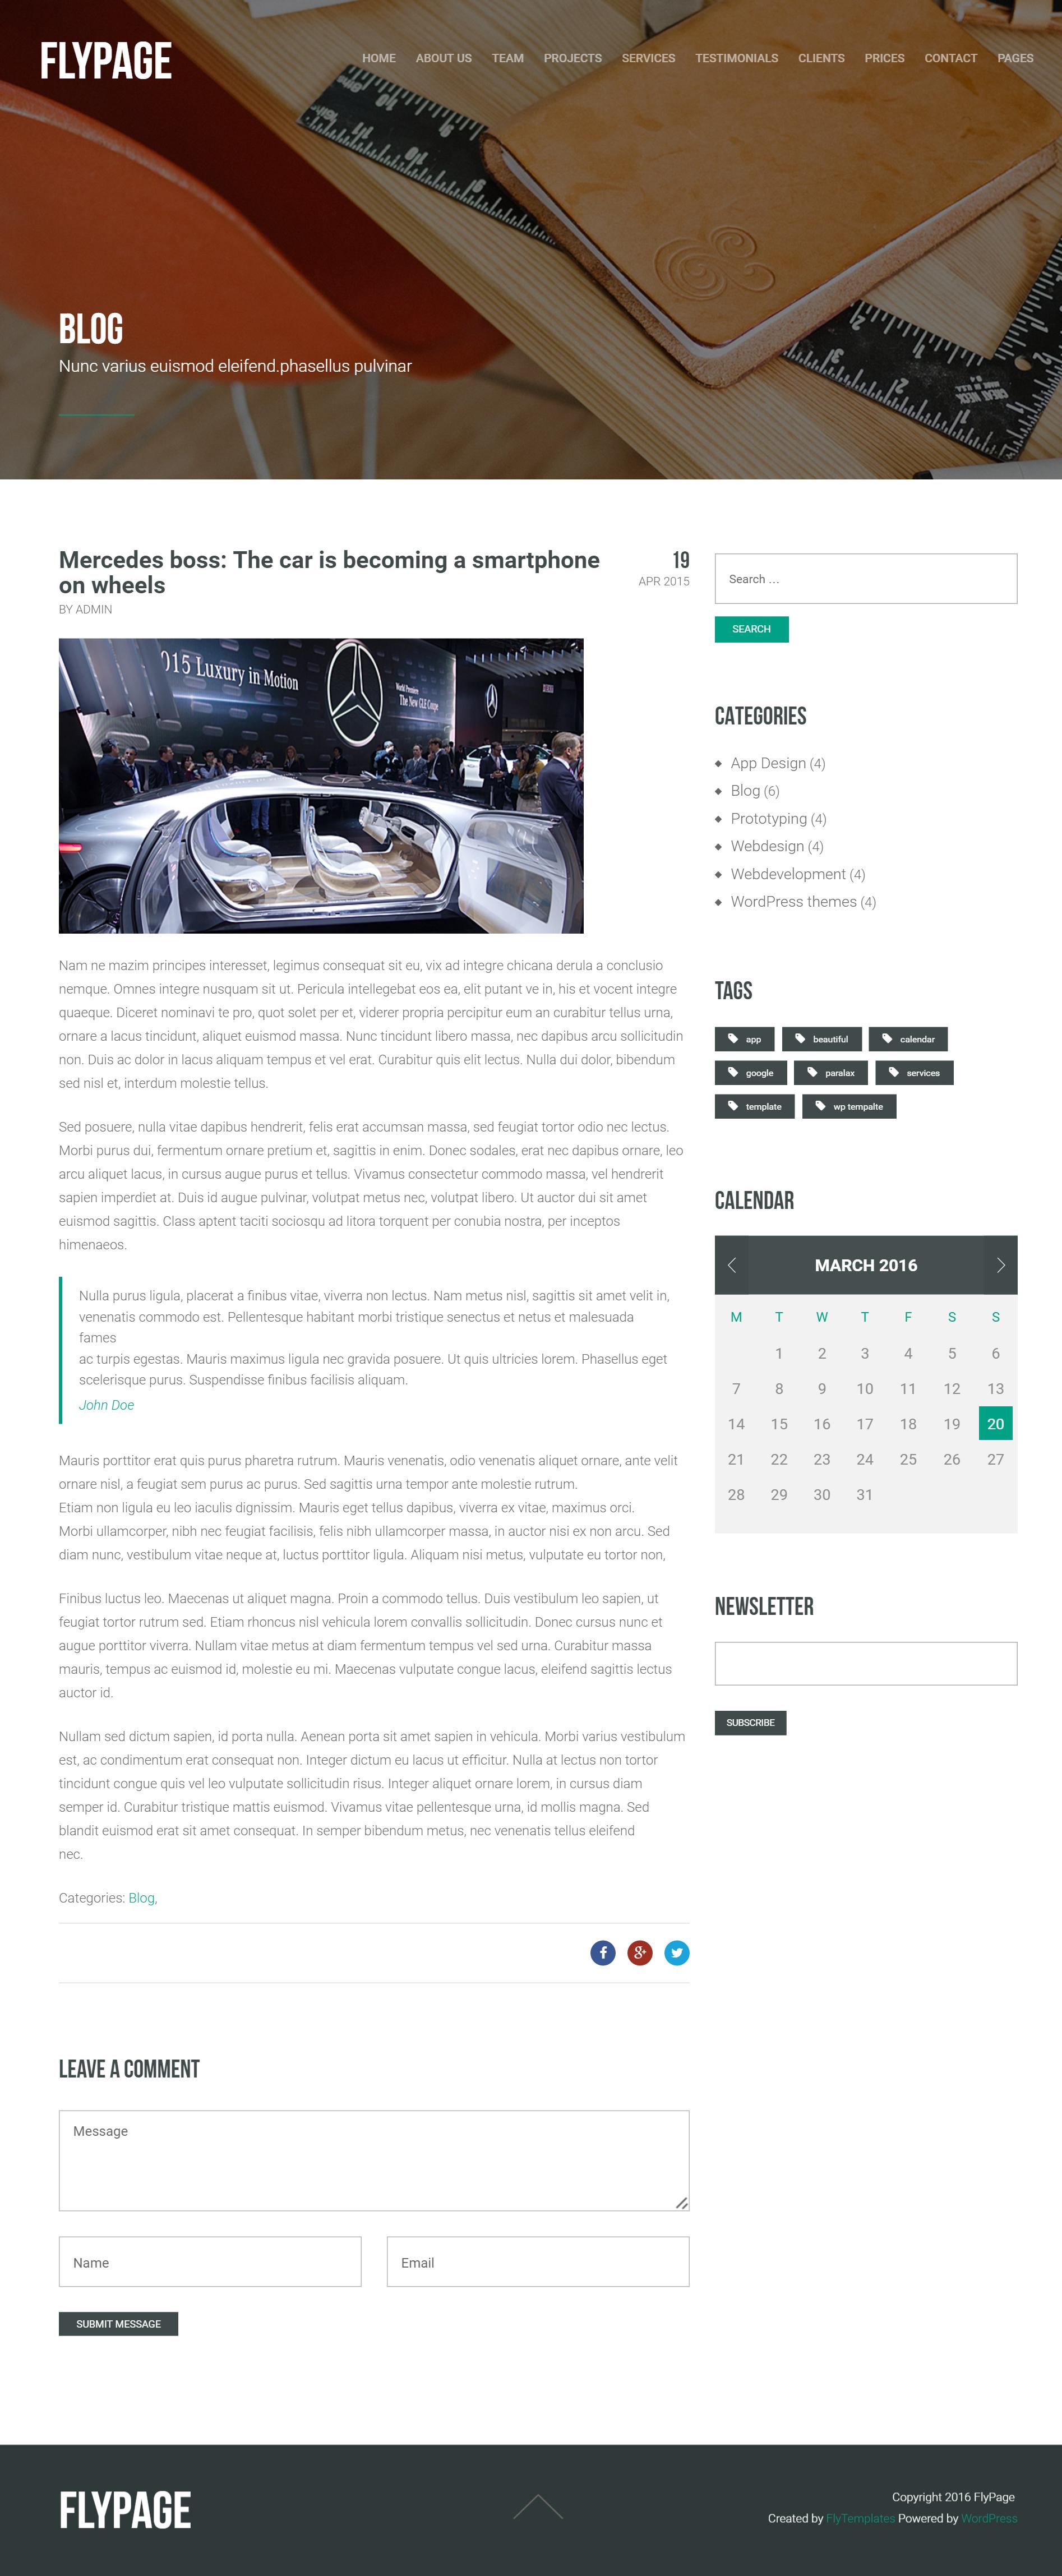 new wordpress landing page themes ywa weo tk